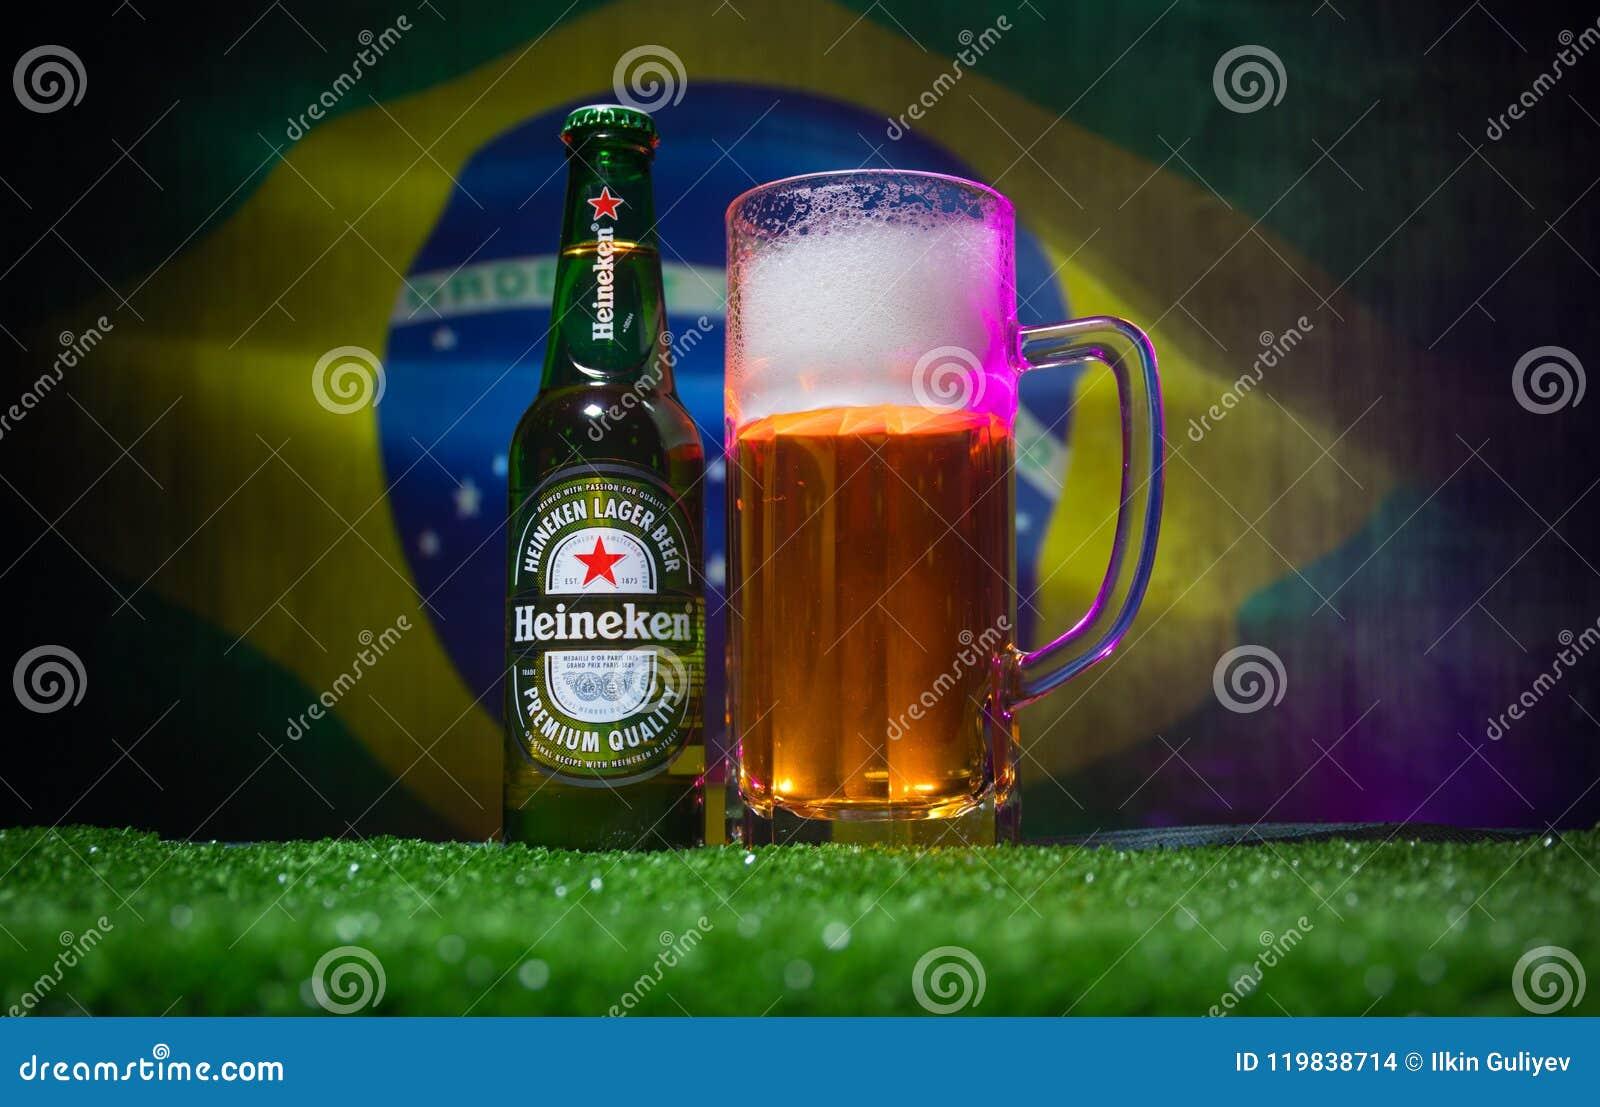 BAKOU, AZERBAÏDJAN - 21 JUIN 2018 : Heineken Lager Beer dans la bouteille avec la boule 2018 du football de coupe du monde de la